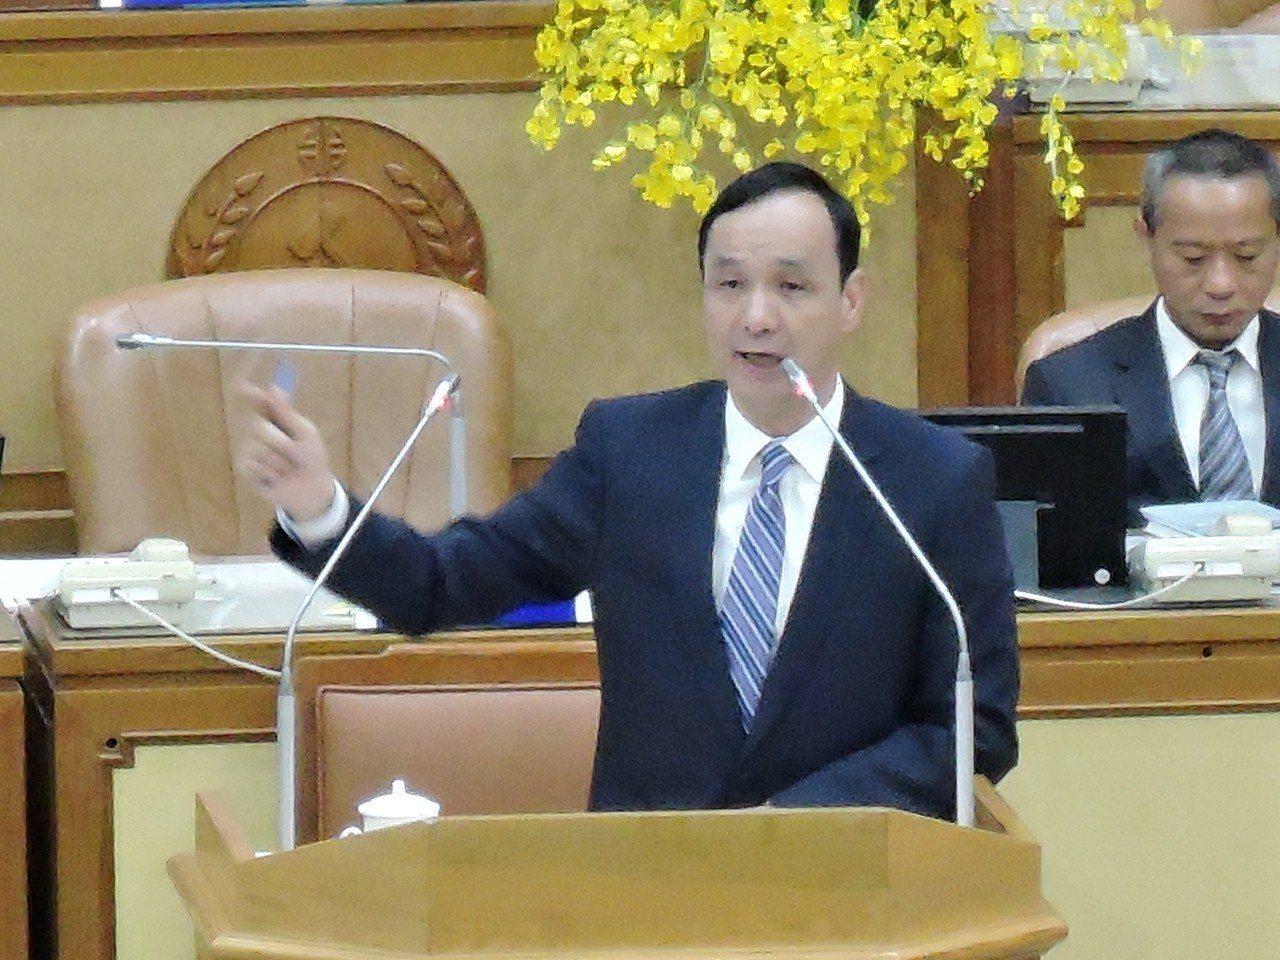 針對「中電北送」,新北市長朱立倫昨在議會市政總質詢時向執政黨喊話:「不要混淆視聽...